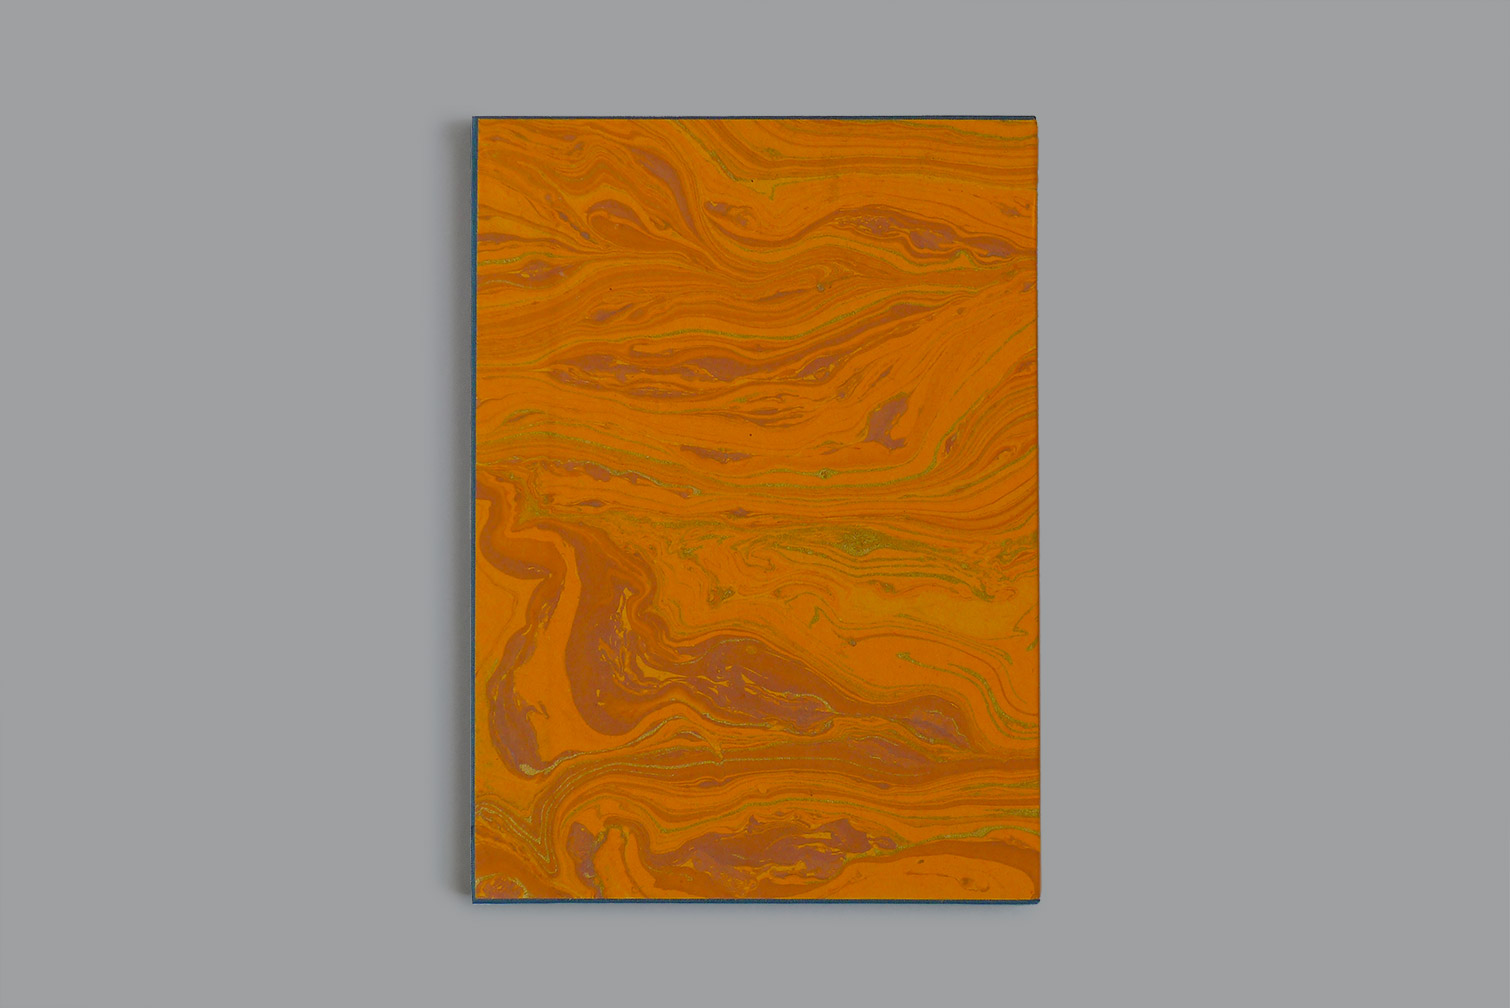 michael-caine-petropolis-crevel-pound-L1670714.jpg